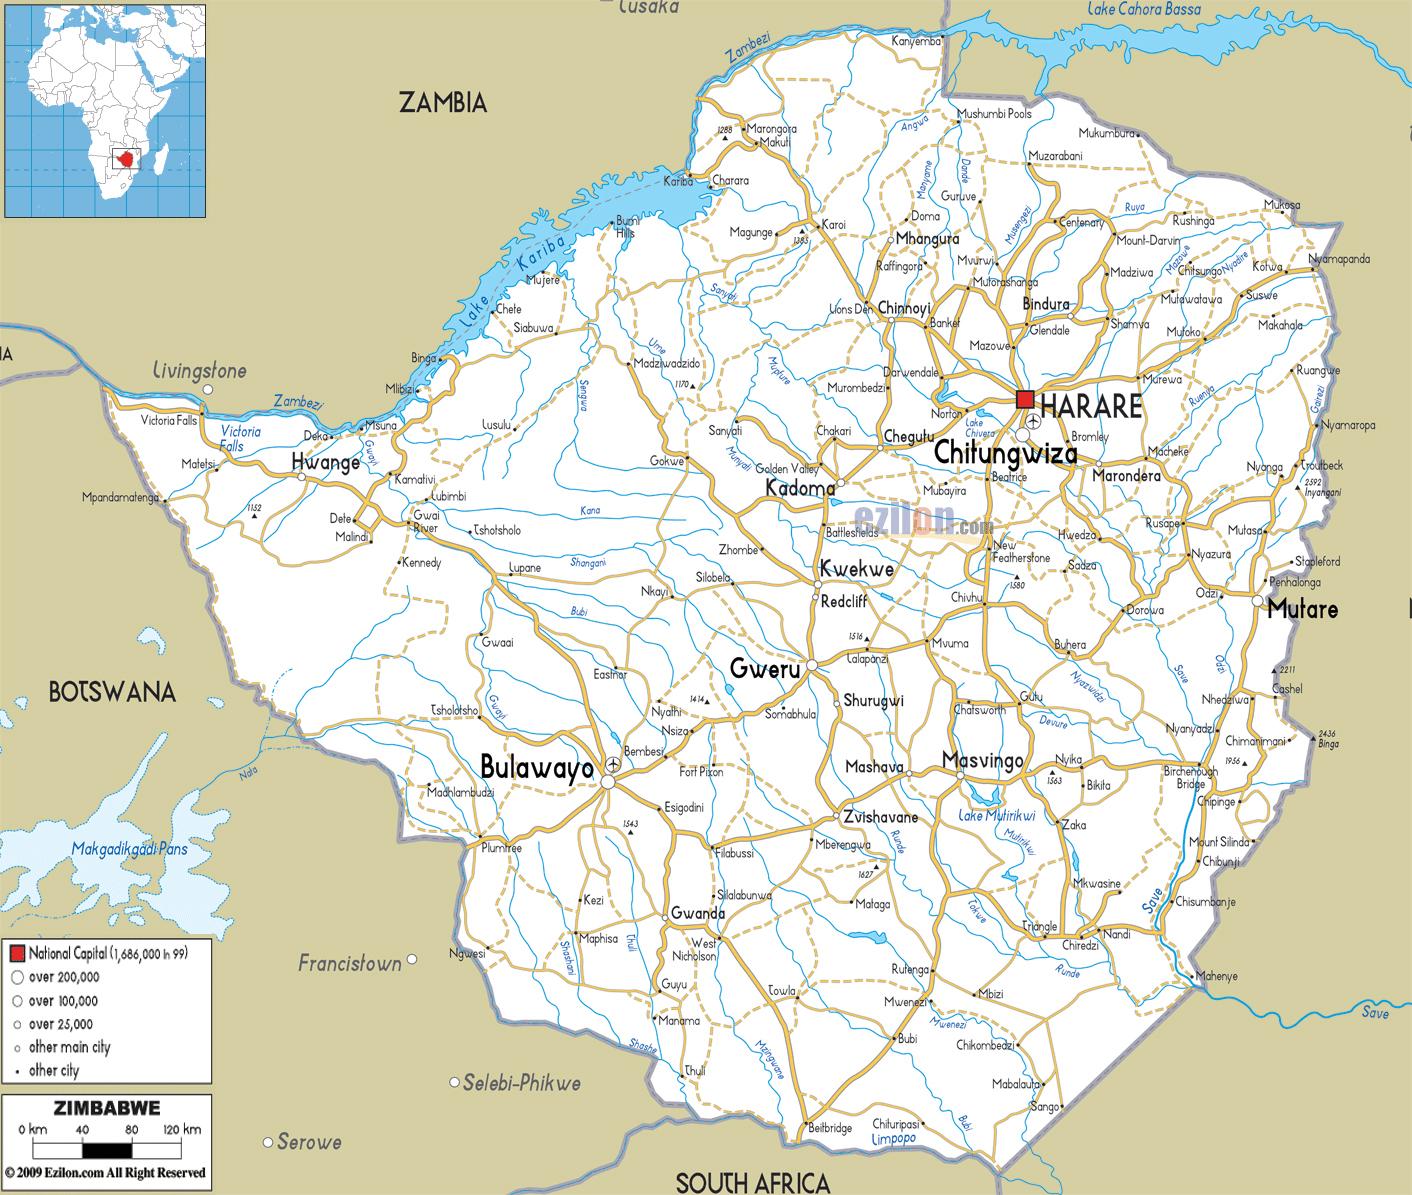 Detailed road map of Zimbabwe Zimbabwe detailed road map Vidiani